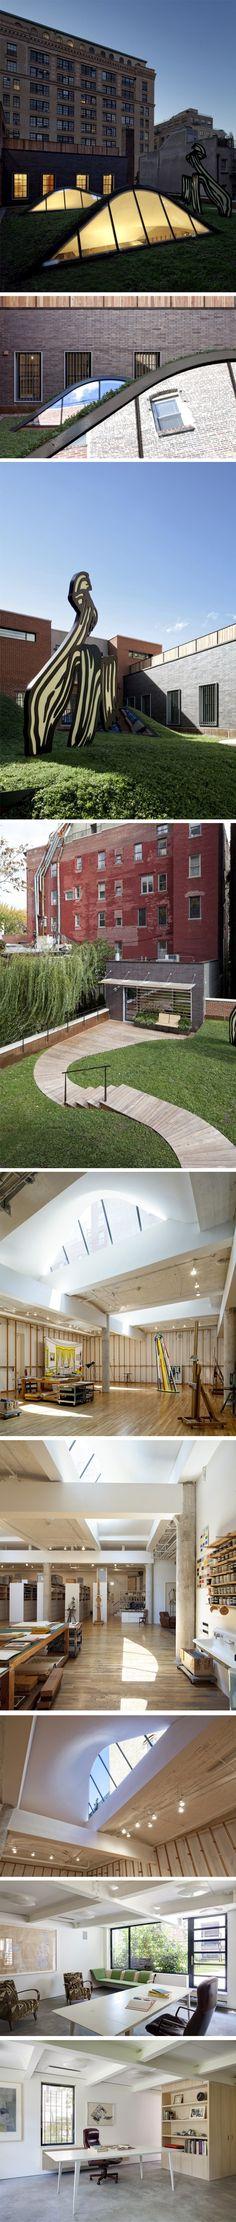 Artist Residence and Studio par Caliper Studio